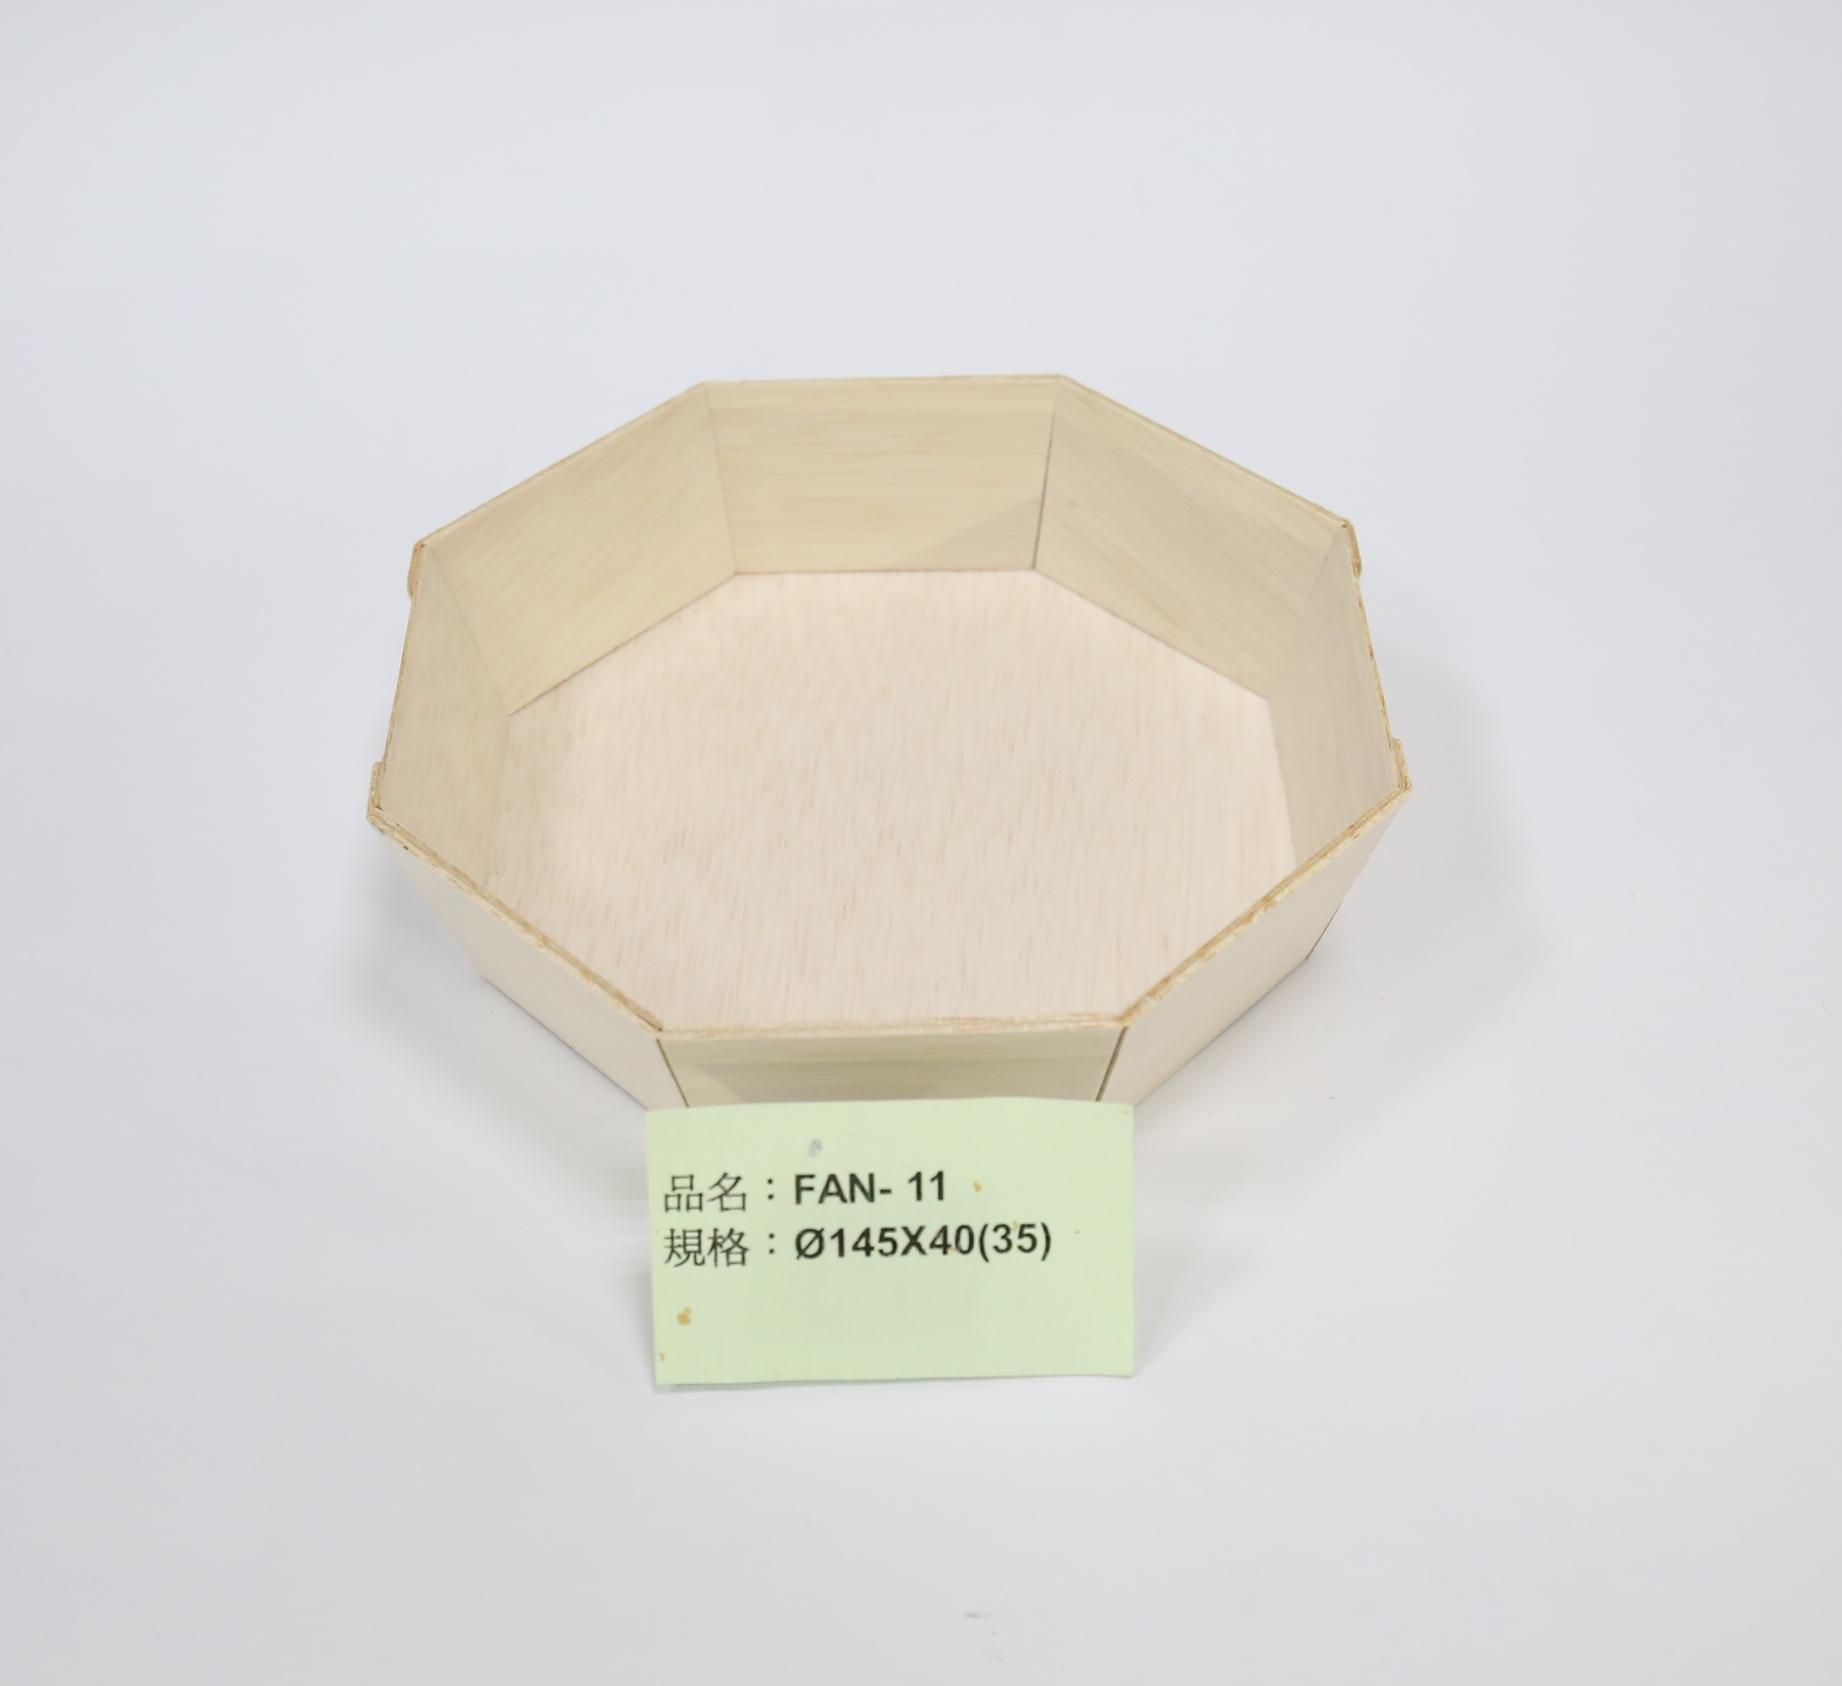 FAN-11